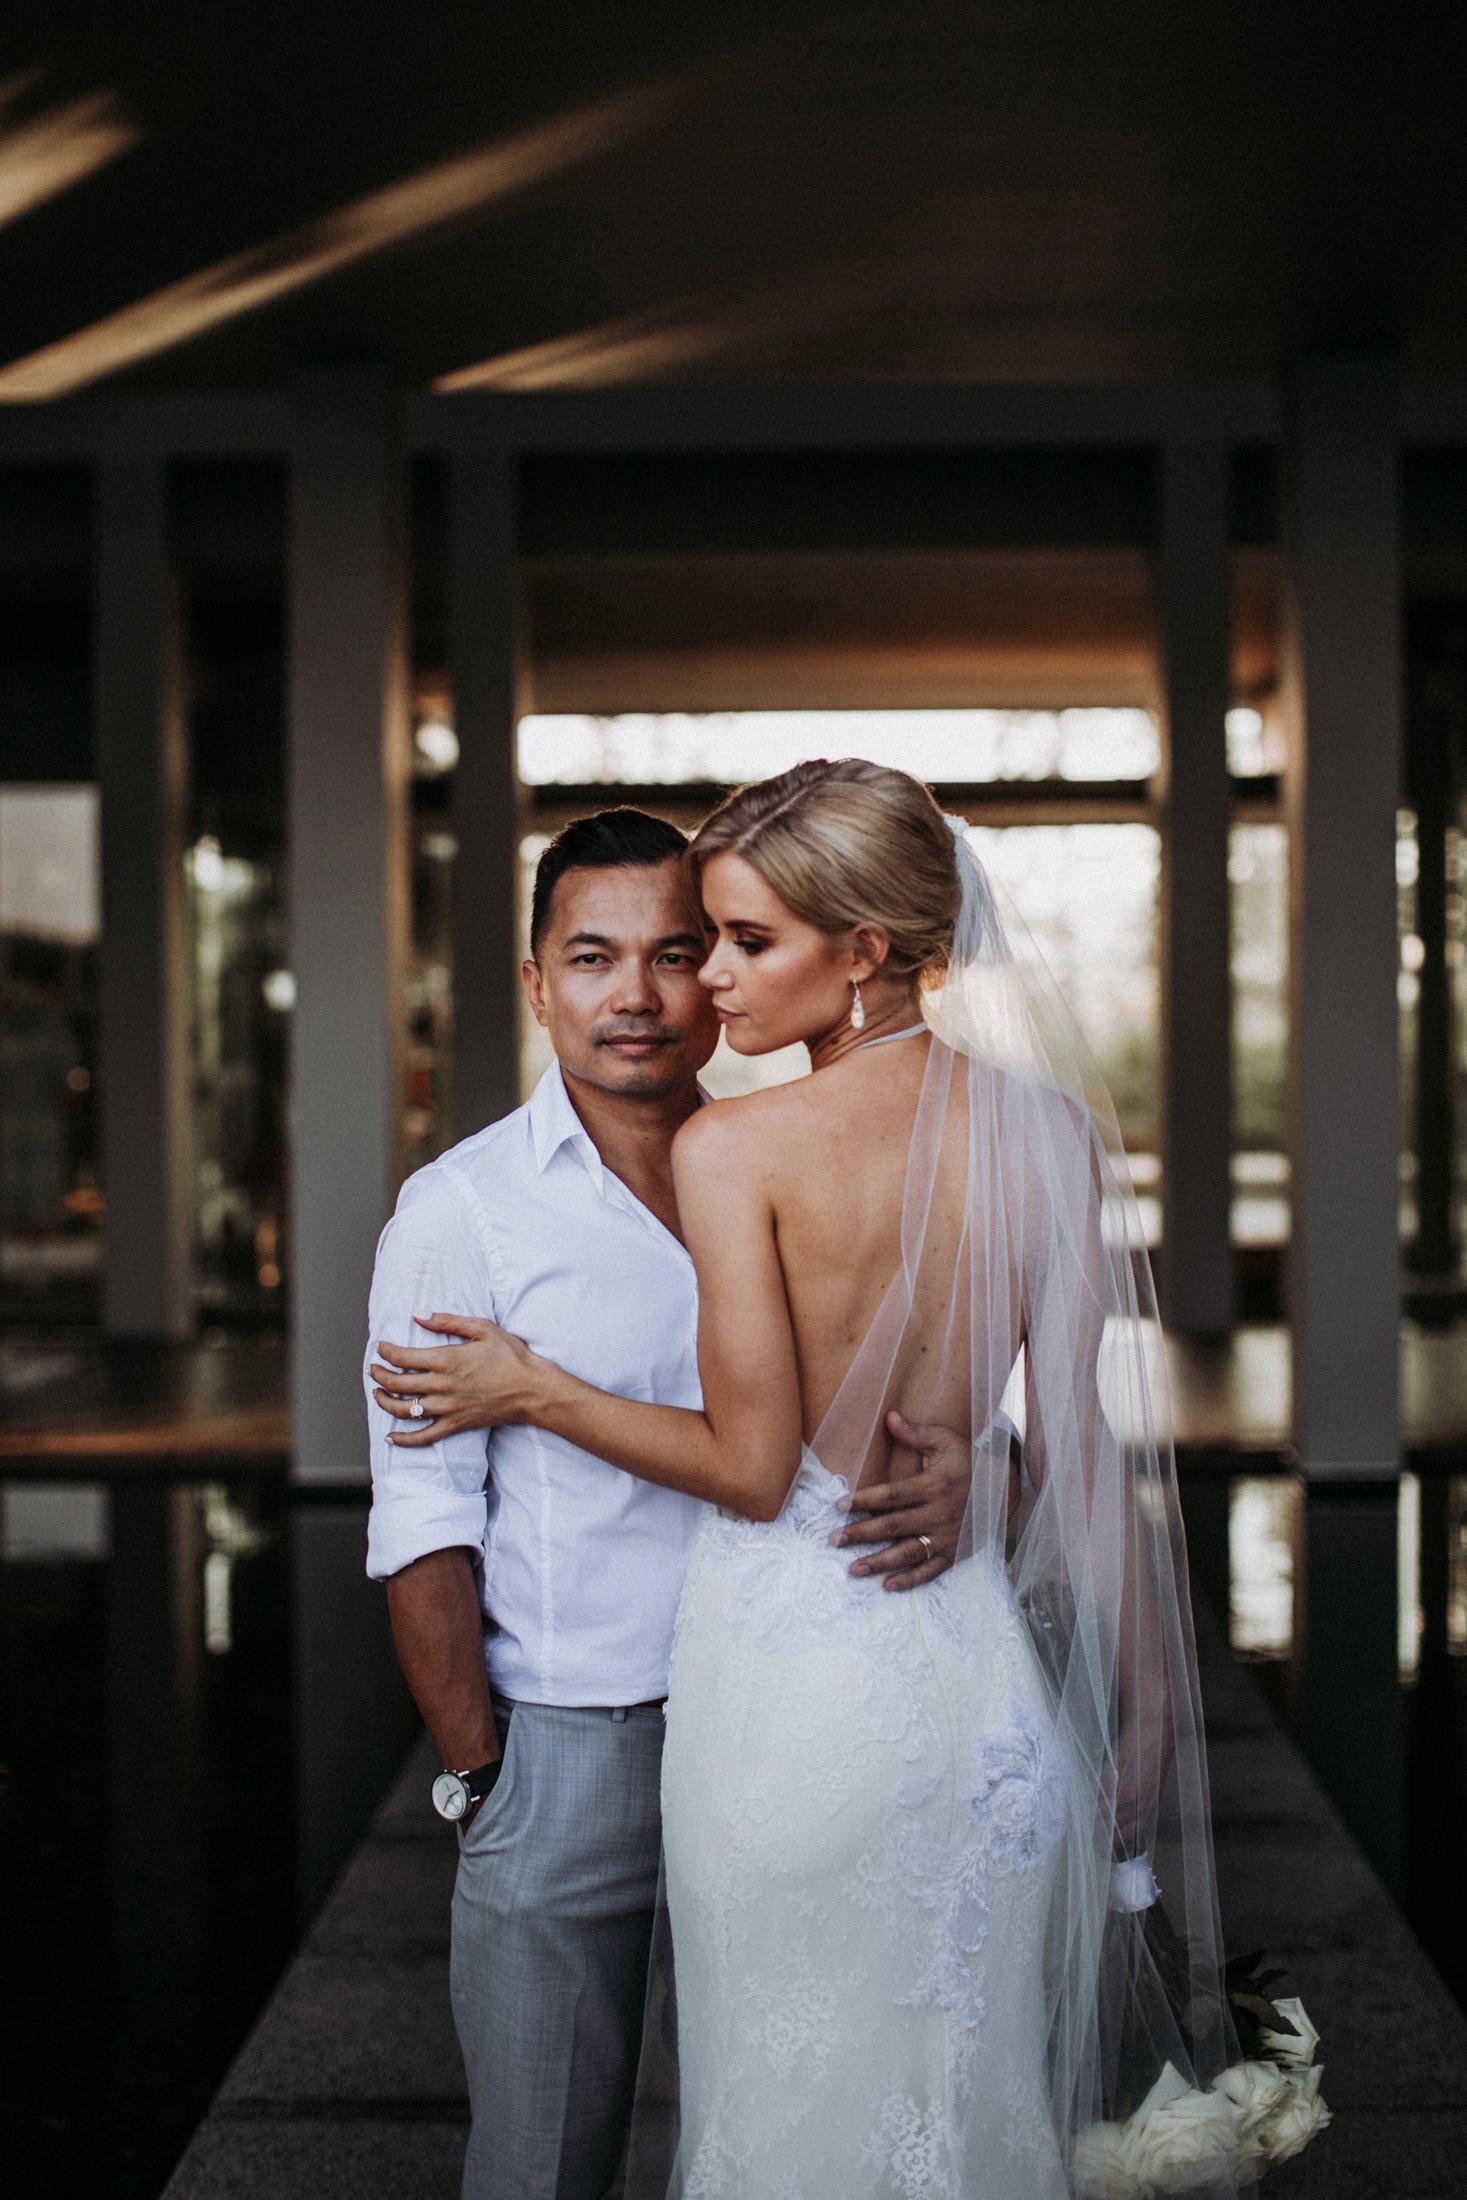 DanielaMarquardt_Wedding_Thailand_314